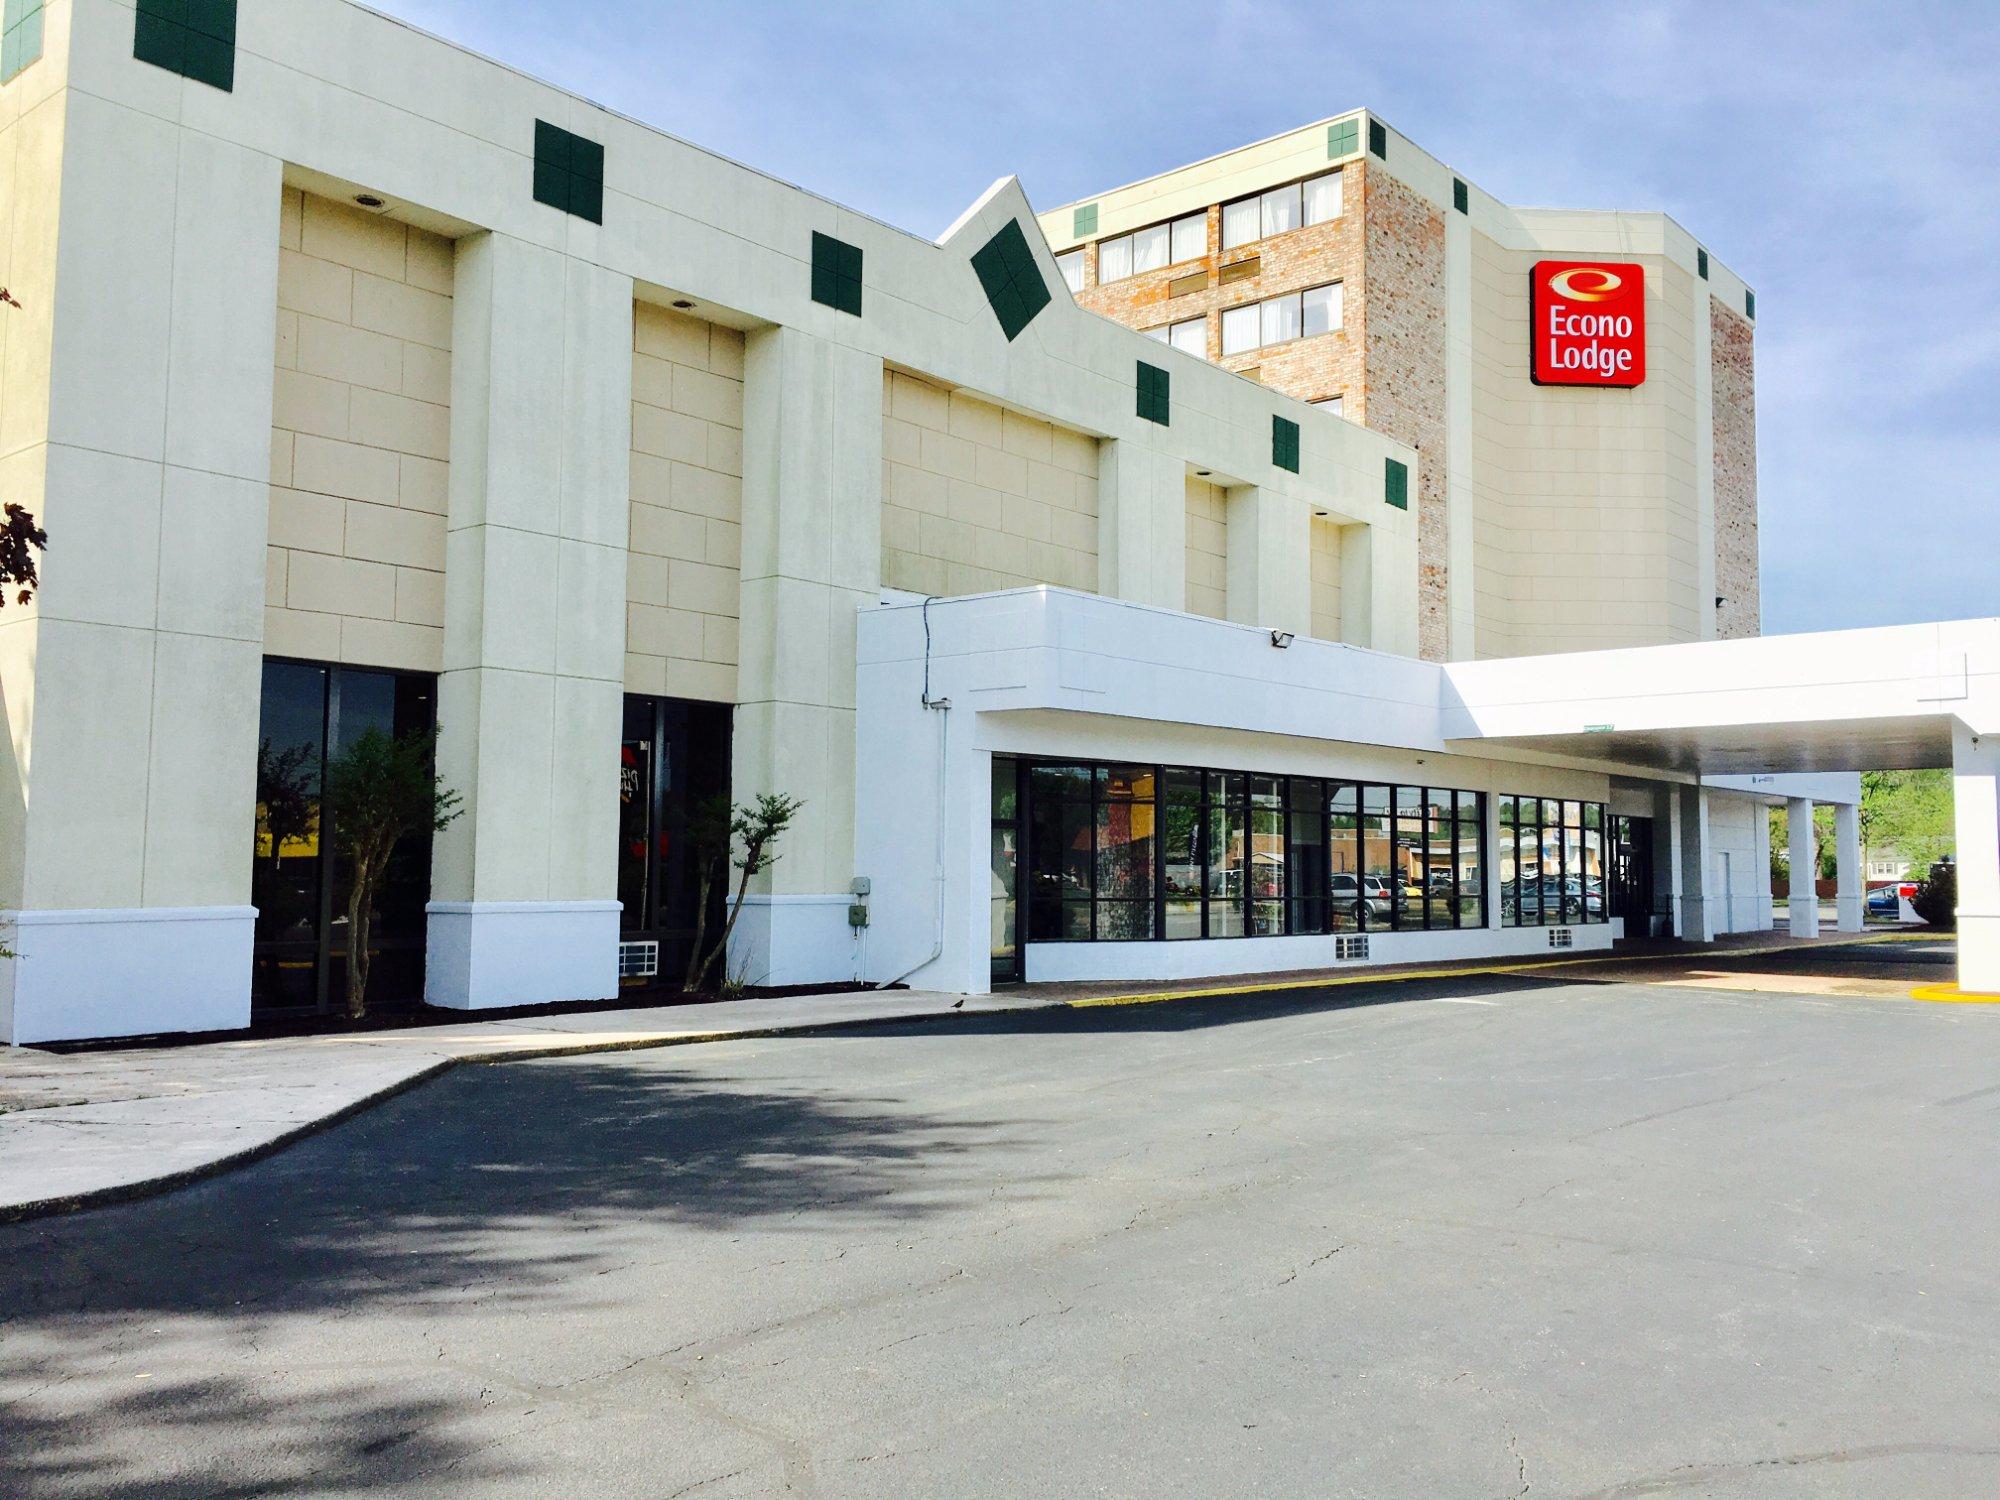 클라리온 호텔 리치먼드 에어포트